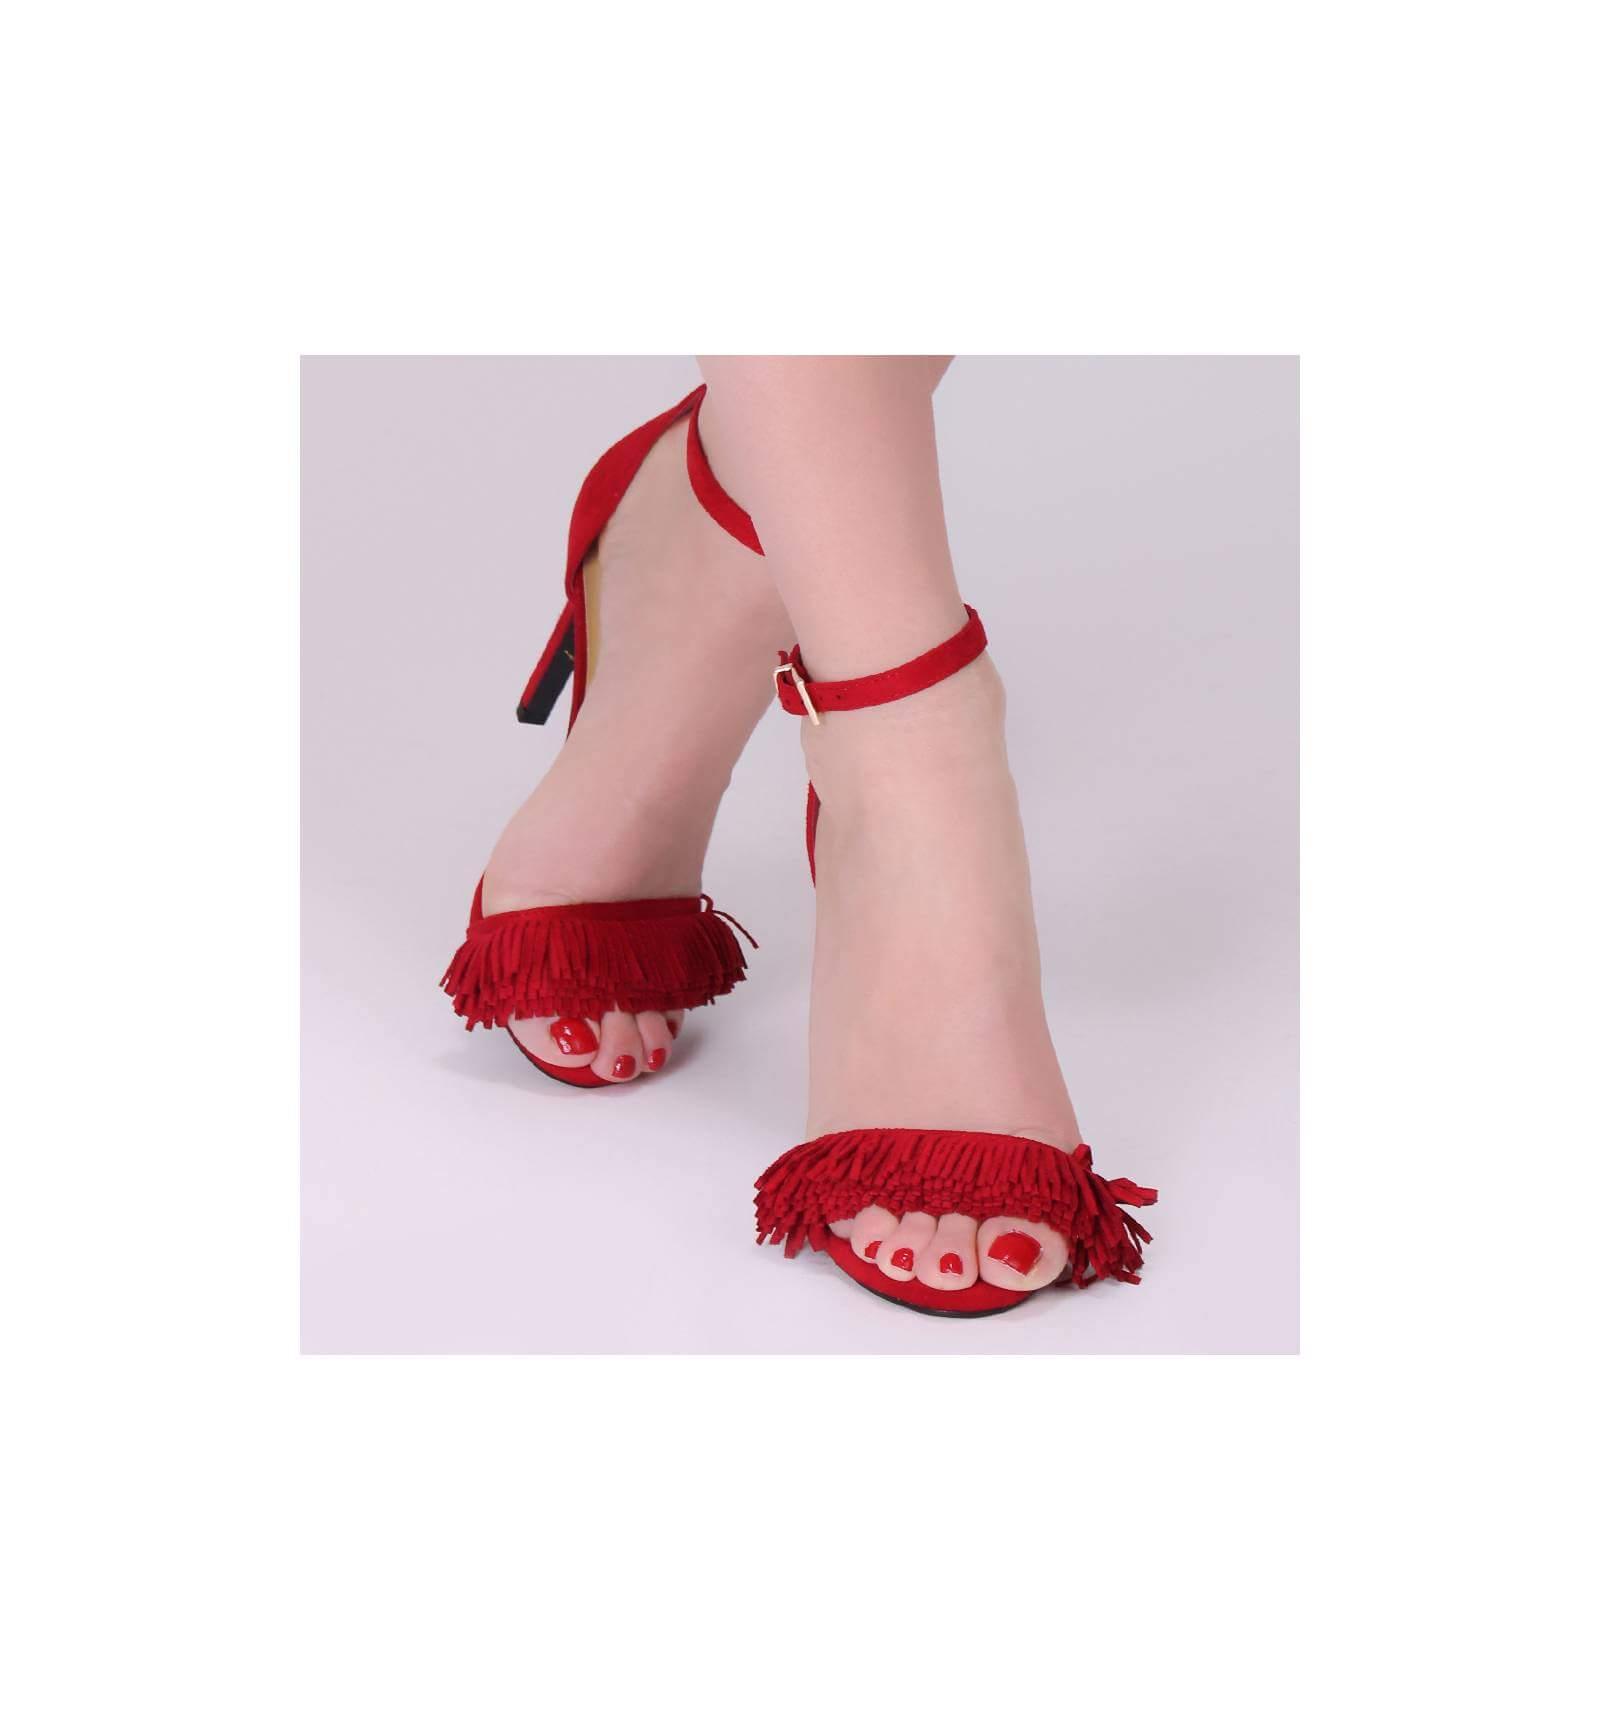 Sandales femme tendance à talon aiguille avec franges rouges